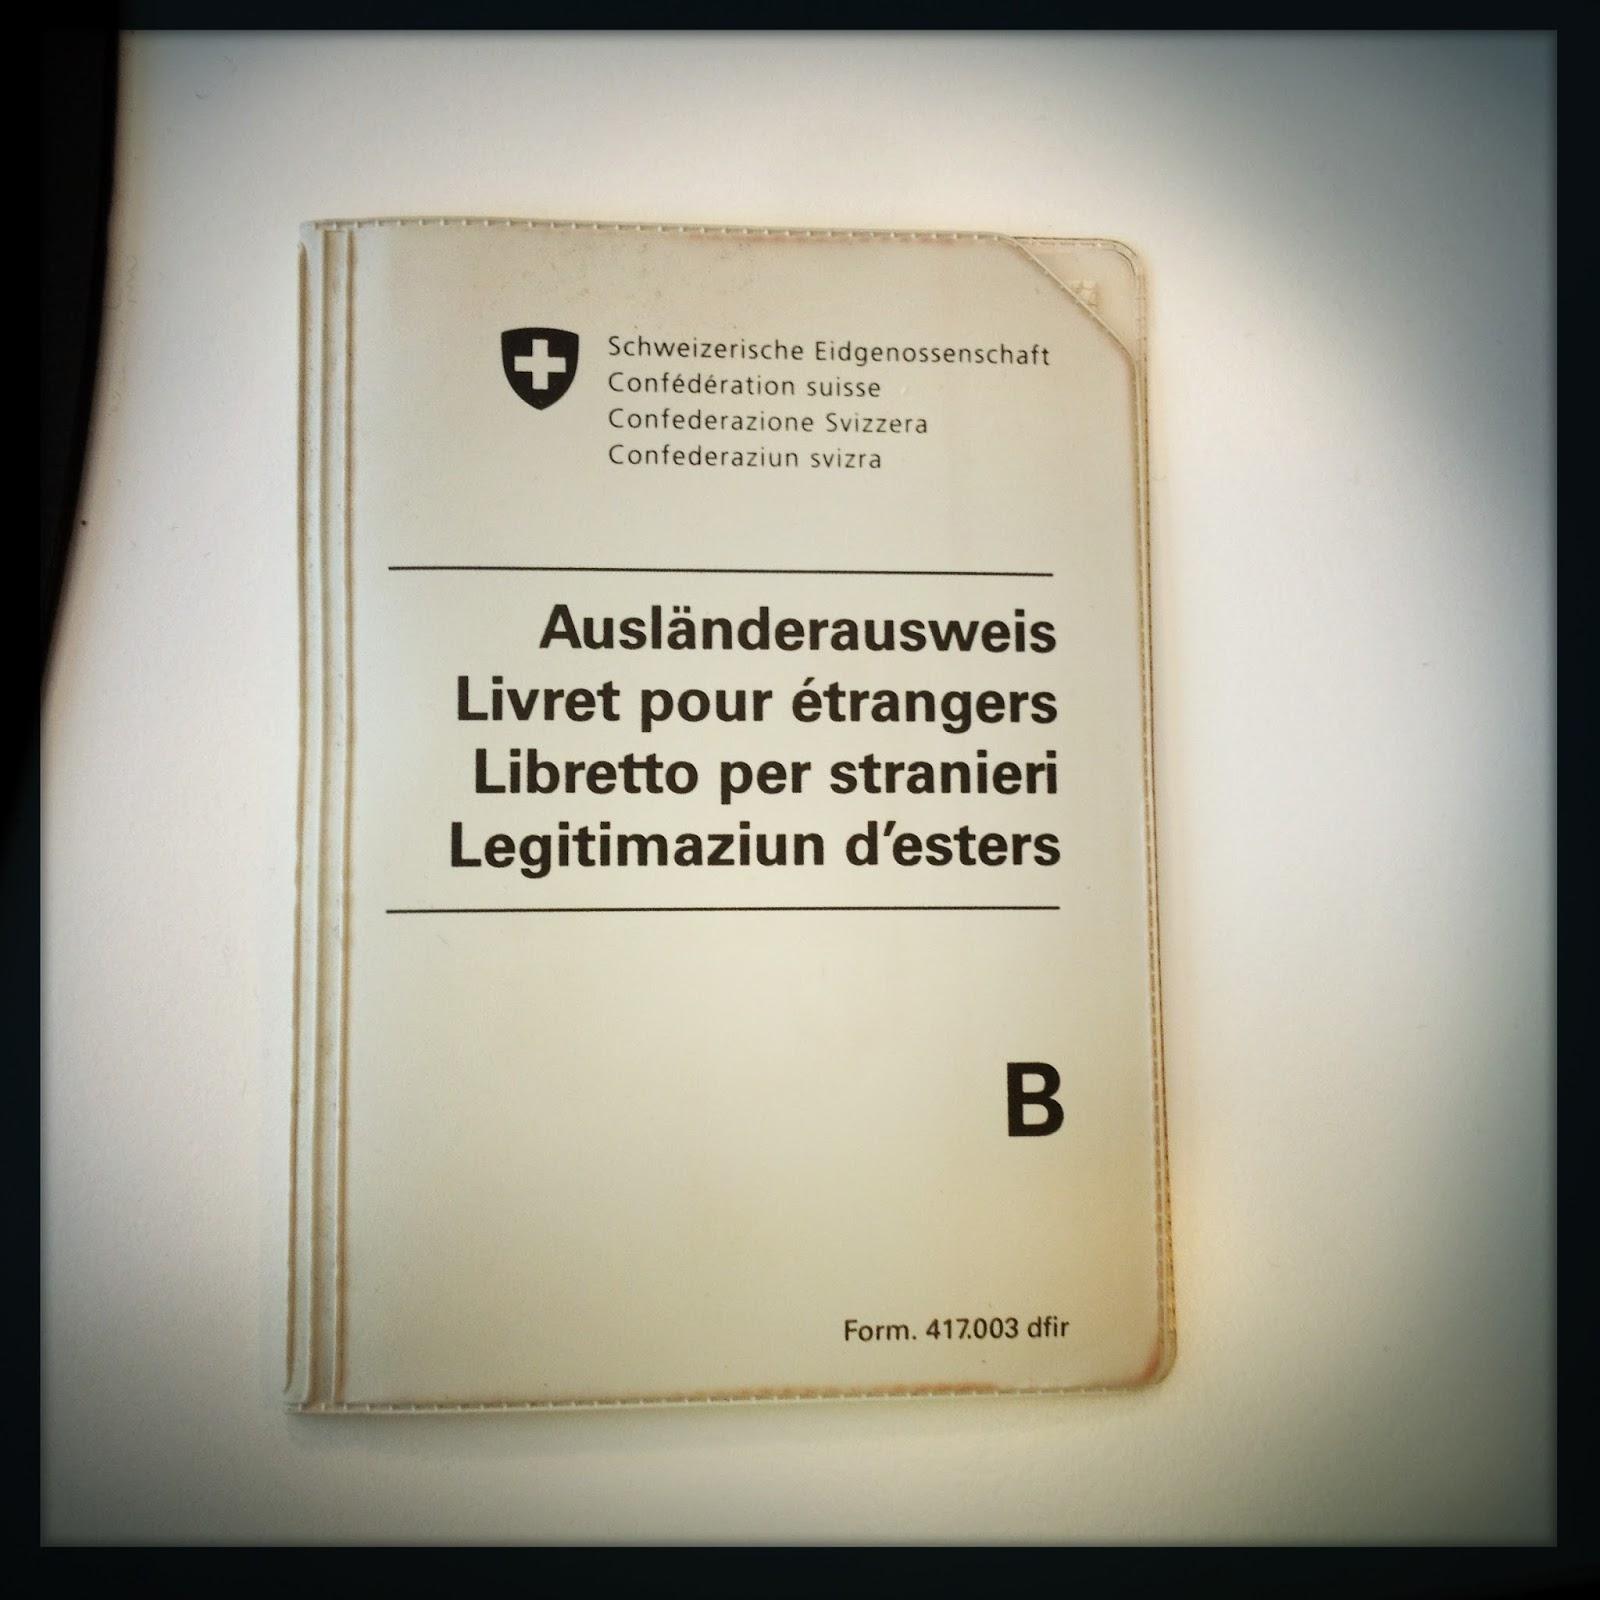 ALittaM Il permesso per stranieri svizzero